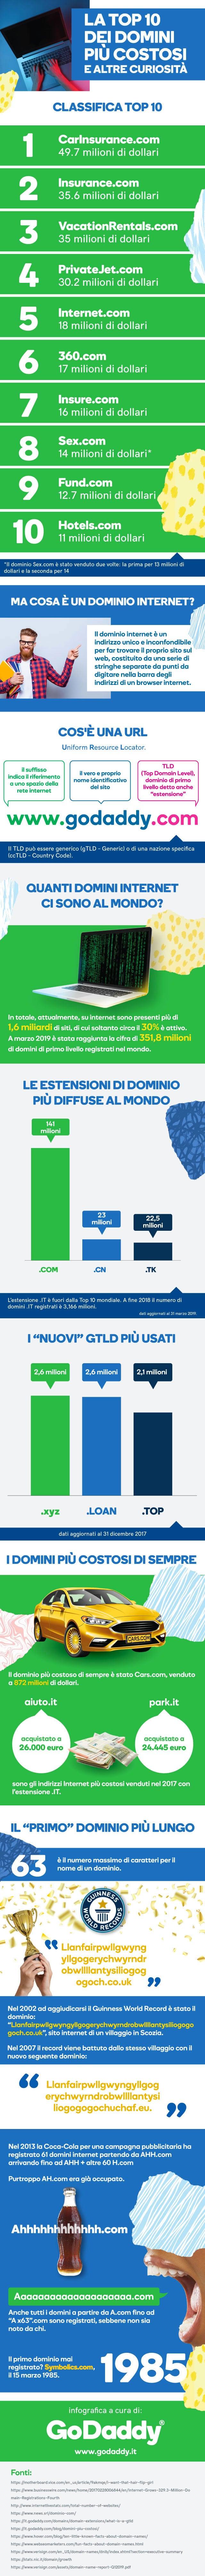 Domini più costosi: infografica